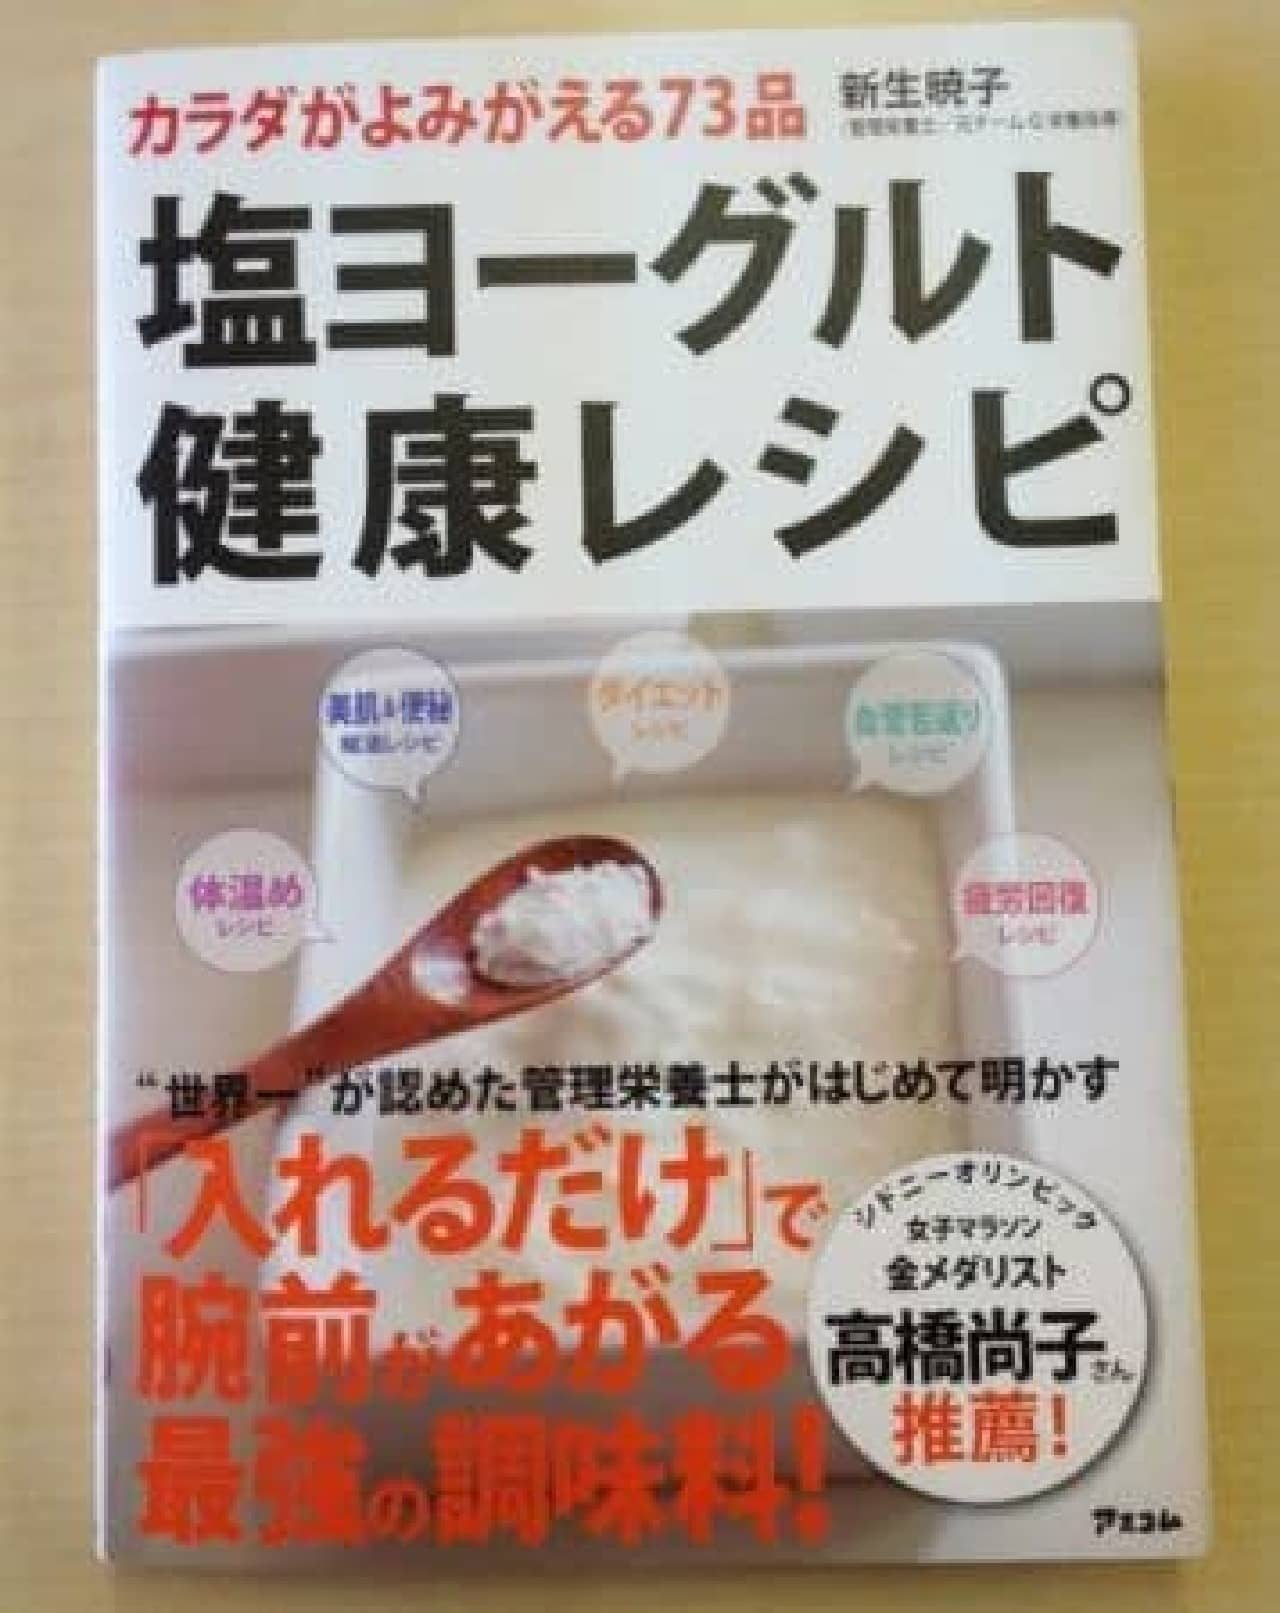 『塩ヨーグルト健康レシピ』 / 新生暁子